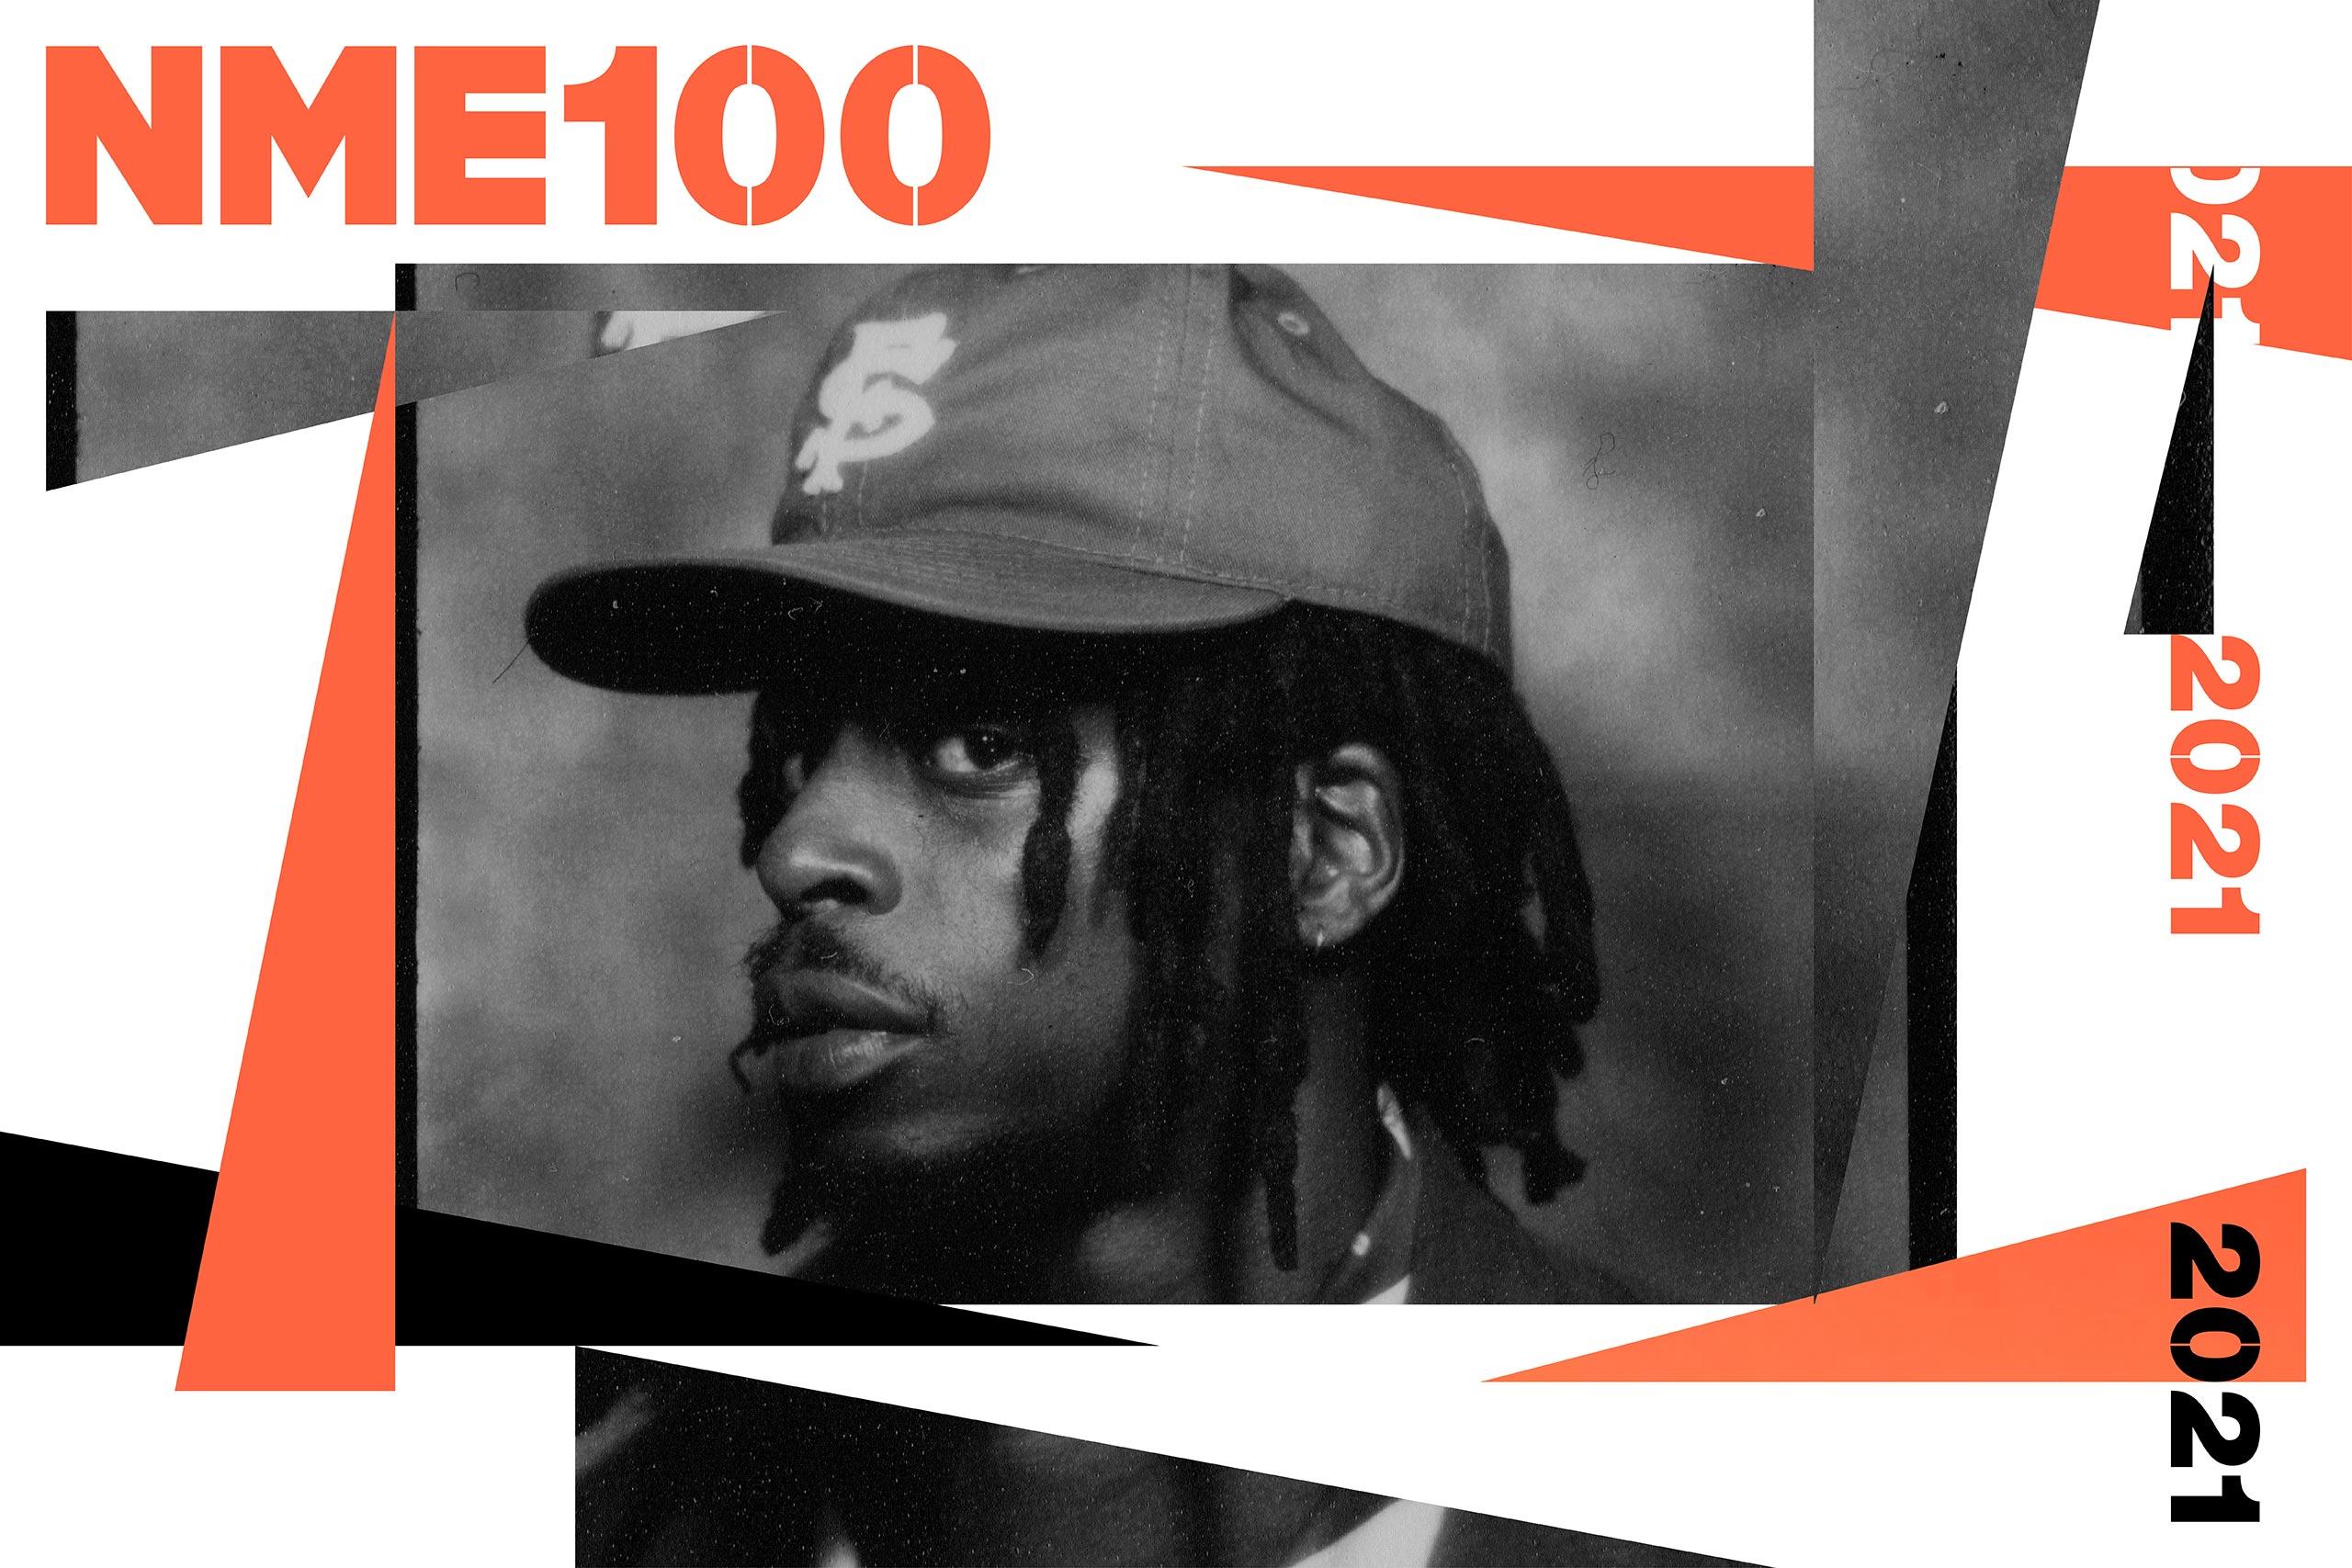 NME 100 goya gumbani